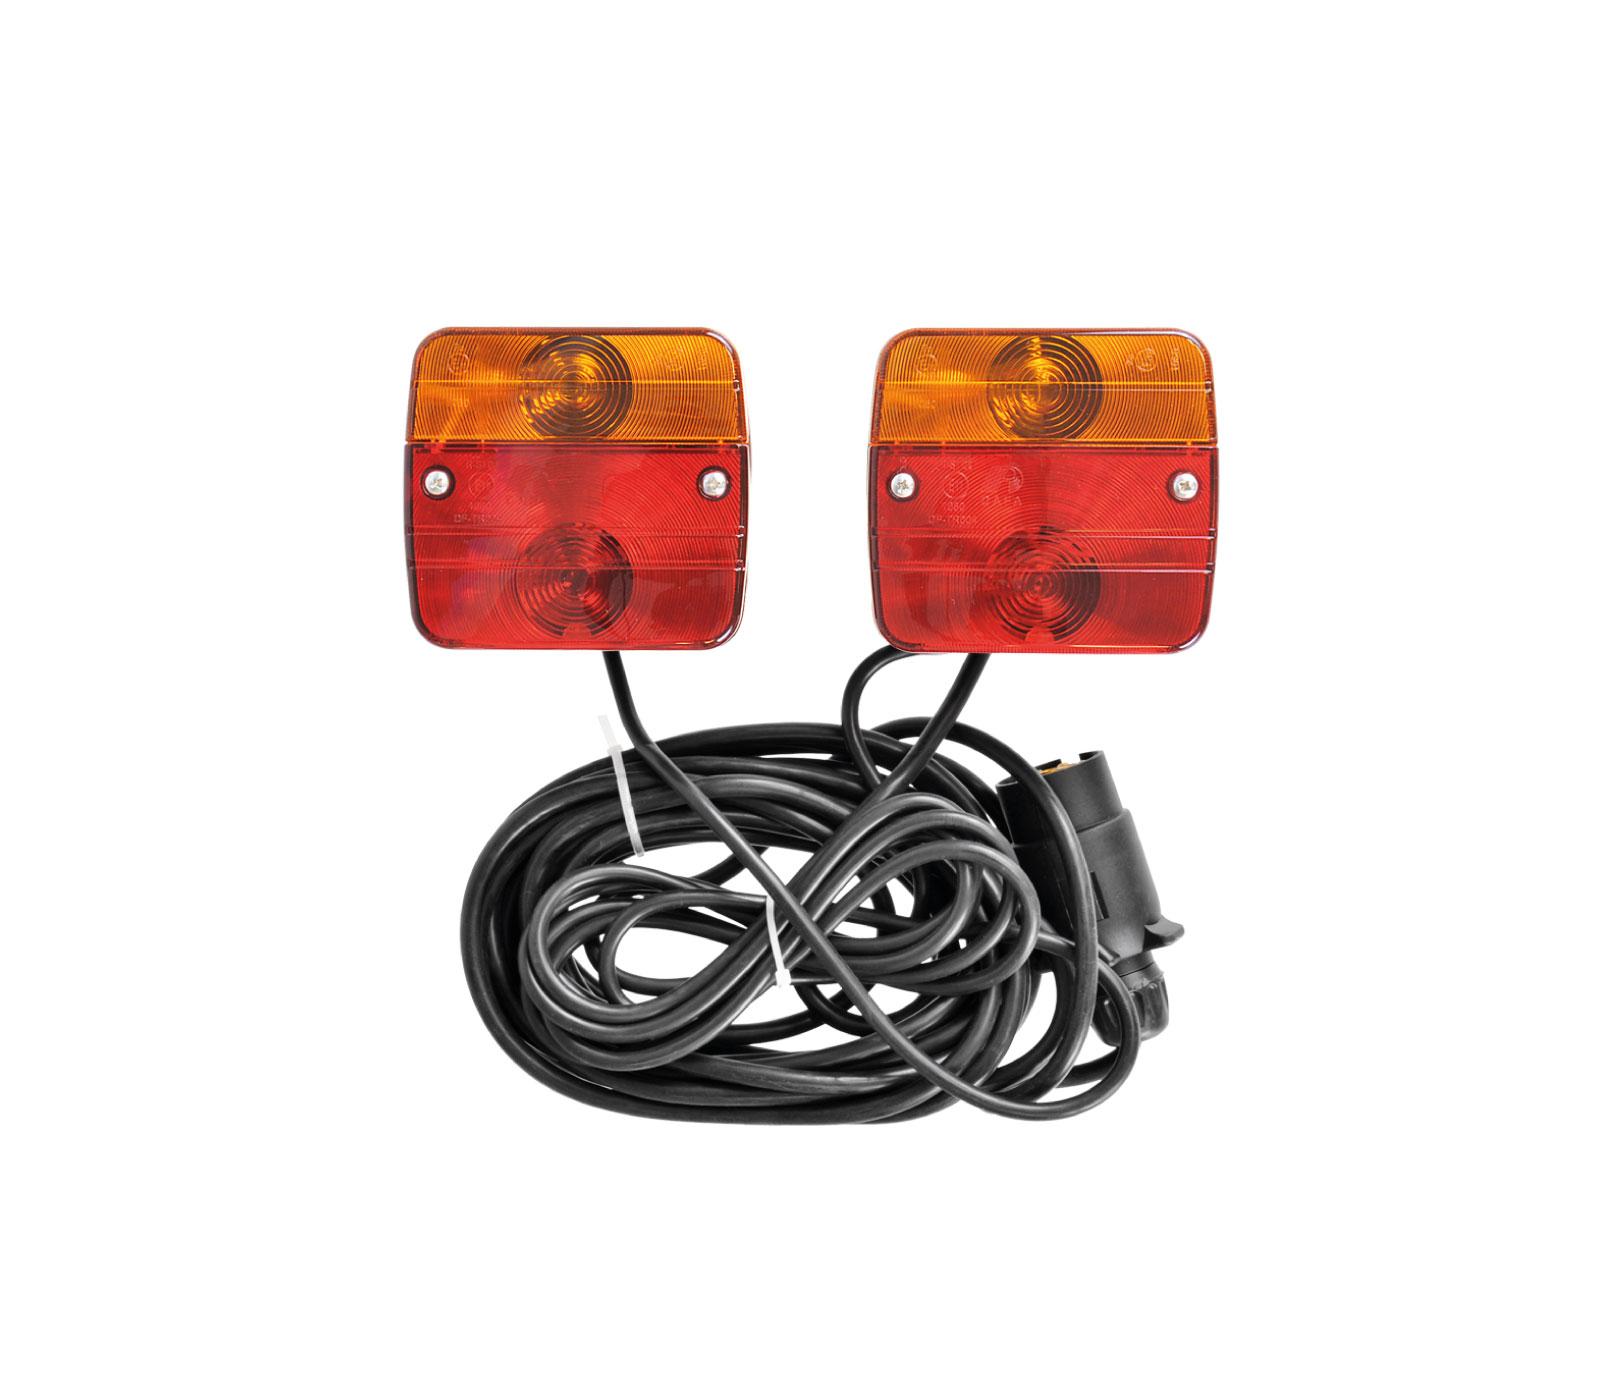 Pro Plus Aanhangerverlichtingsset Magneten